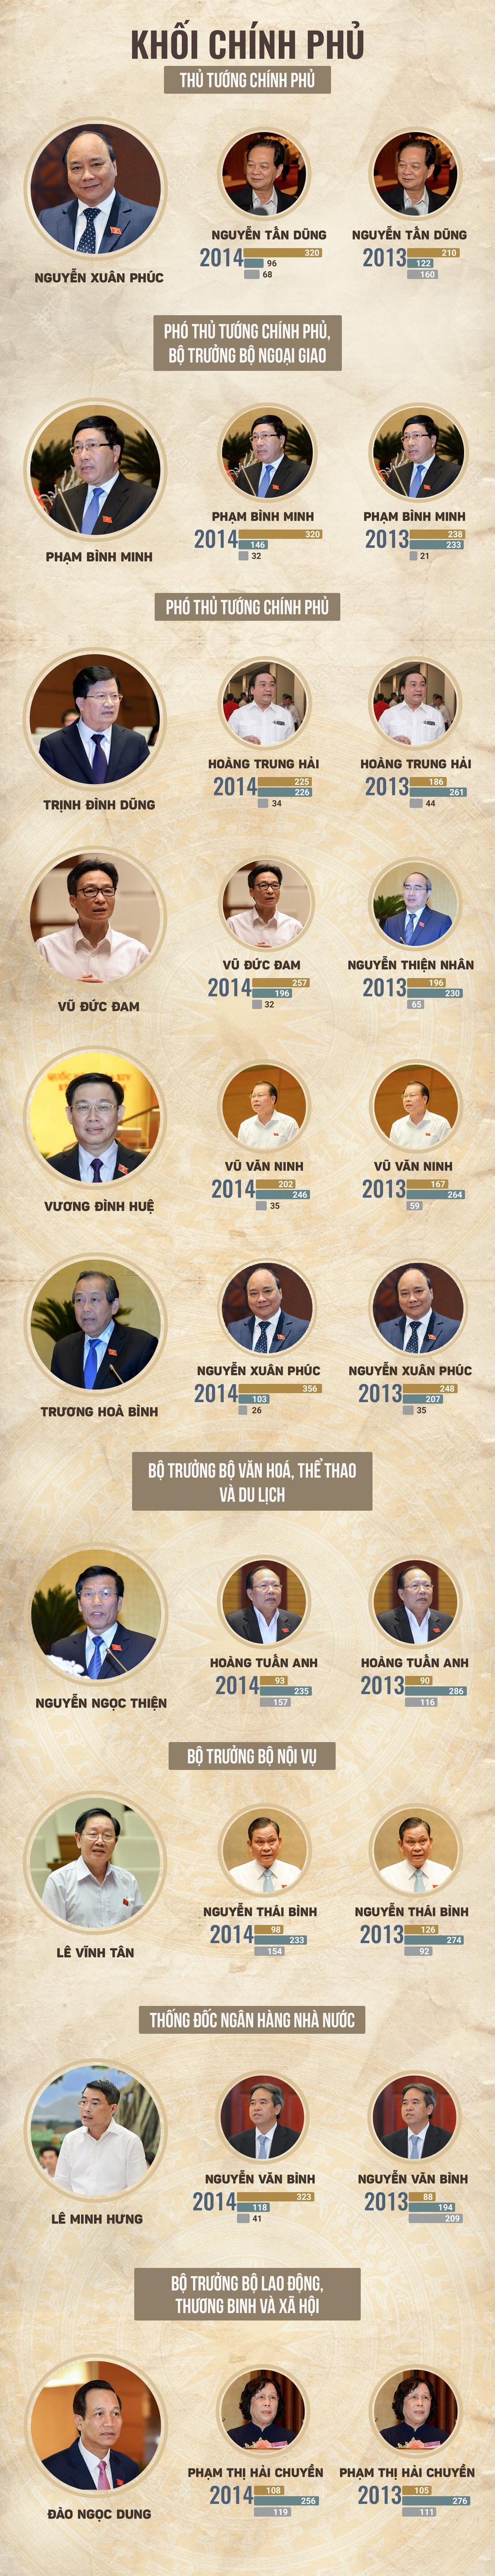 48 chức danh được Quốc hội lấy phiếu tín nhiệm - Ảnh 3.